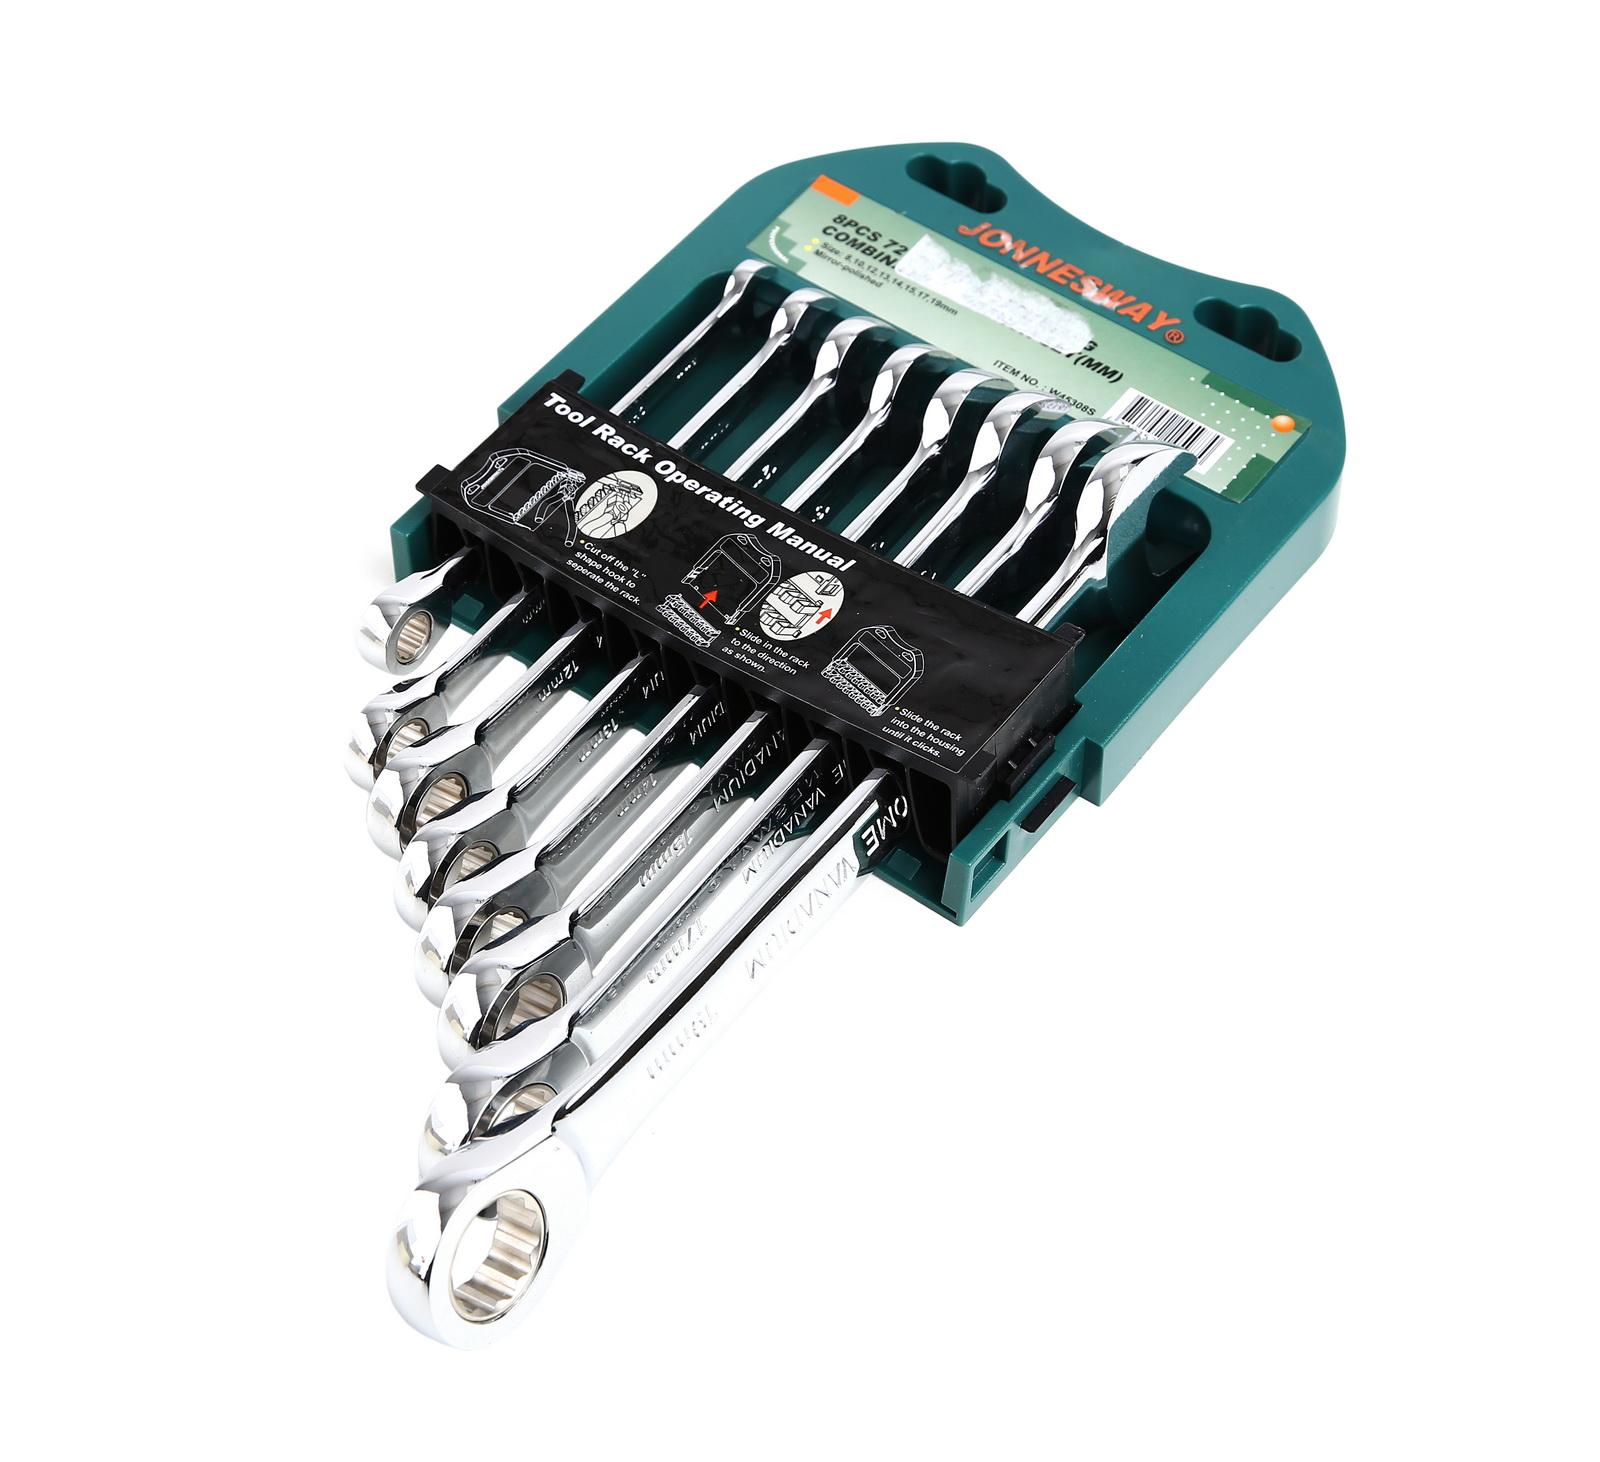 Набор гаечных ключей с трещоткой, 8 шт. Jonnesway W45308s комбинированные трещоточные ключи 8шт набор гаечных комбинированных ключей с трещоткой 7 шт gross 14891 комбинированные ключи